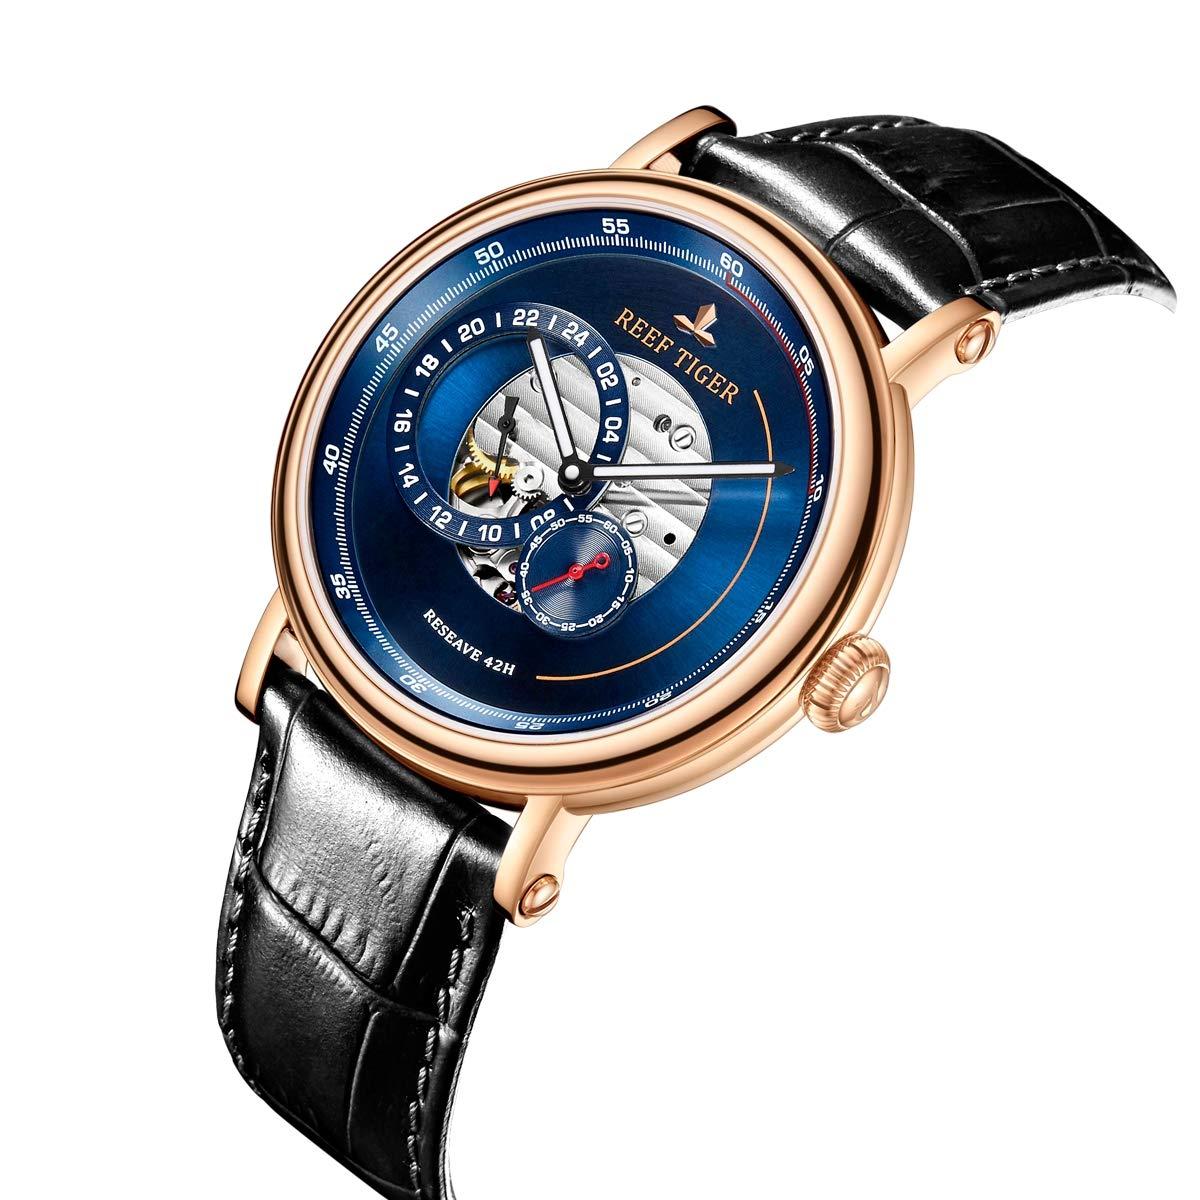 Reef Tiger lyxigt märke män designer klockor blå reserv automatisk klocka läderrem RGA1617 Rga1617-plb